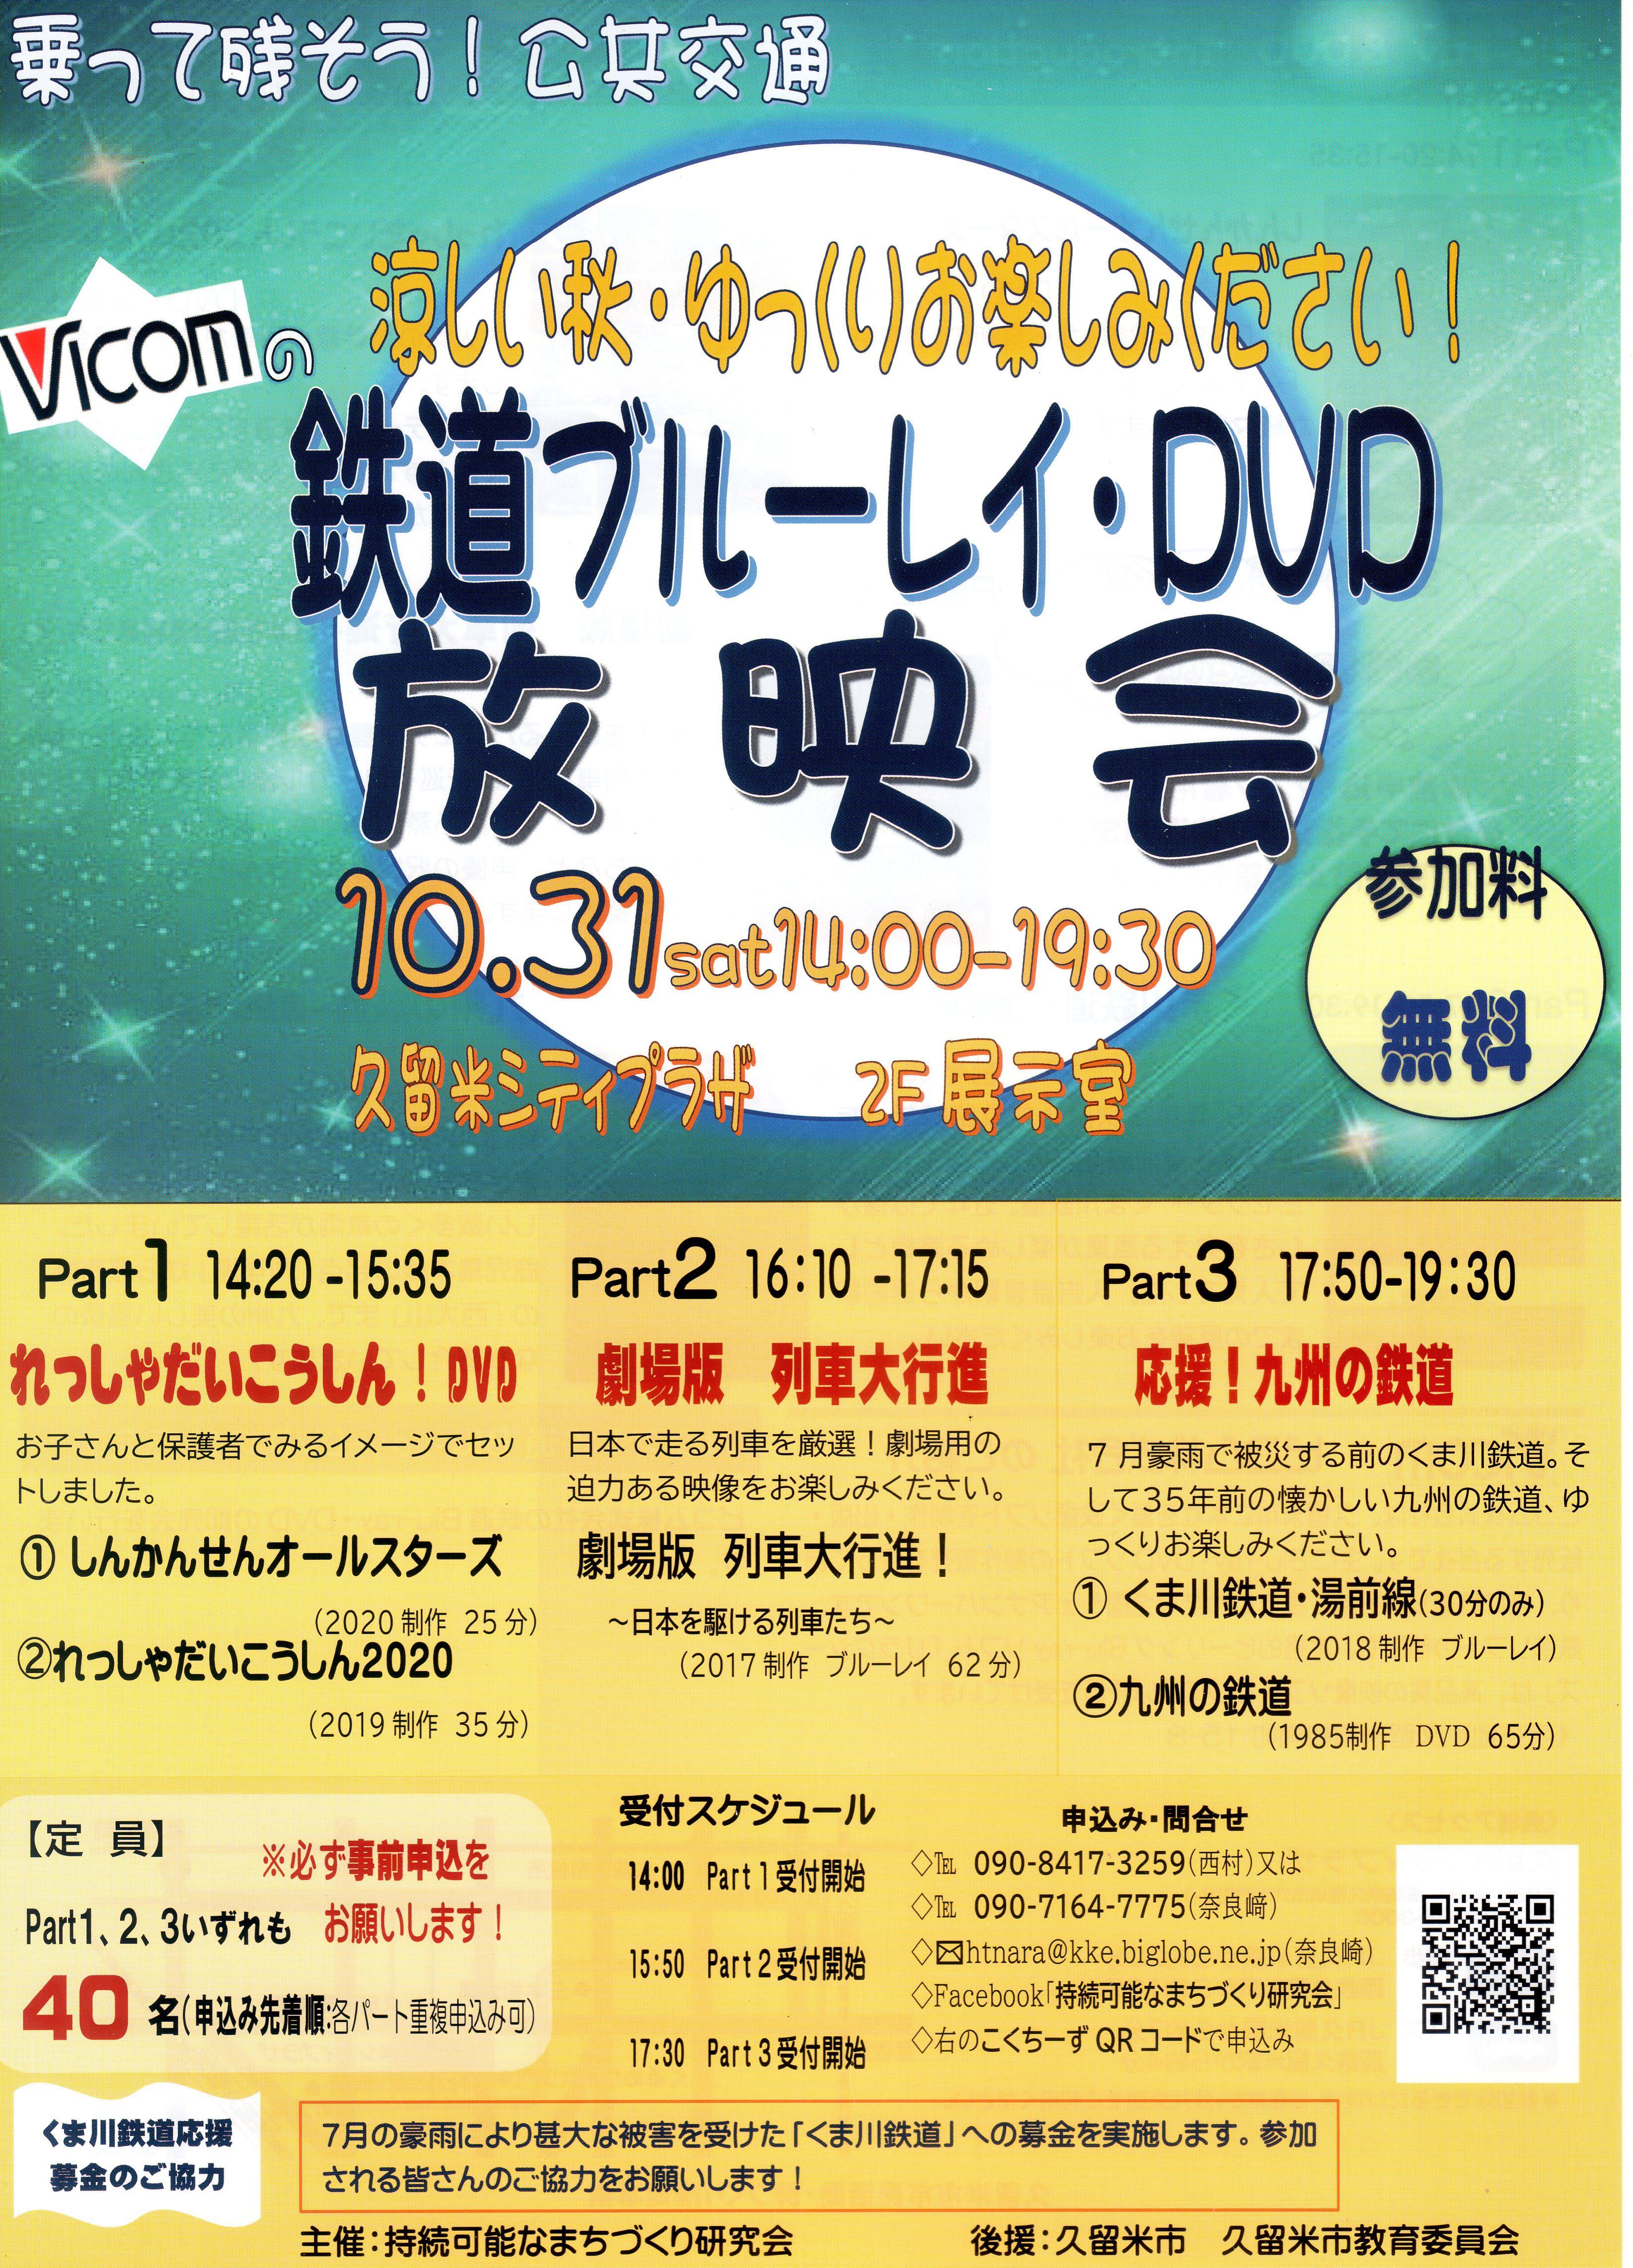 涼しい秋・ゆっくりお楽しみください!「鉄道ブルーレイ・DVD放映会」